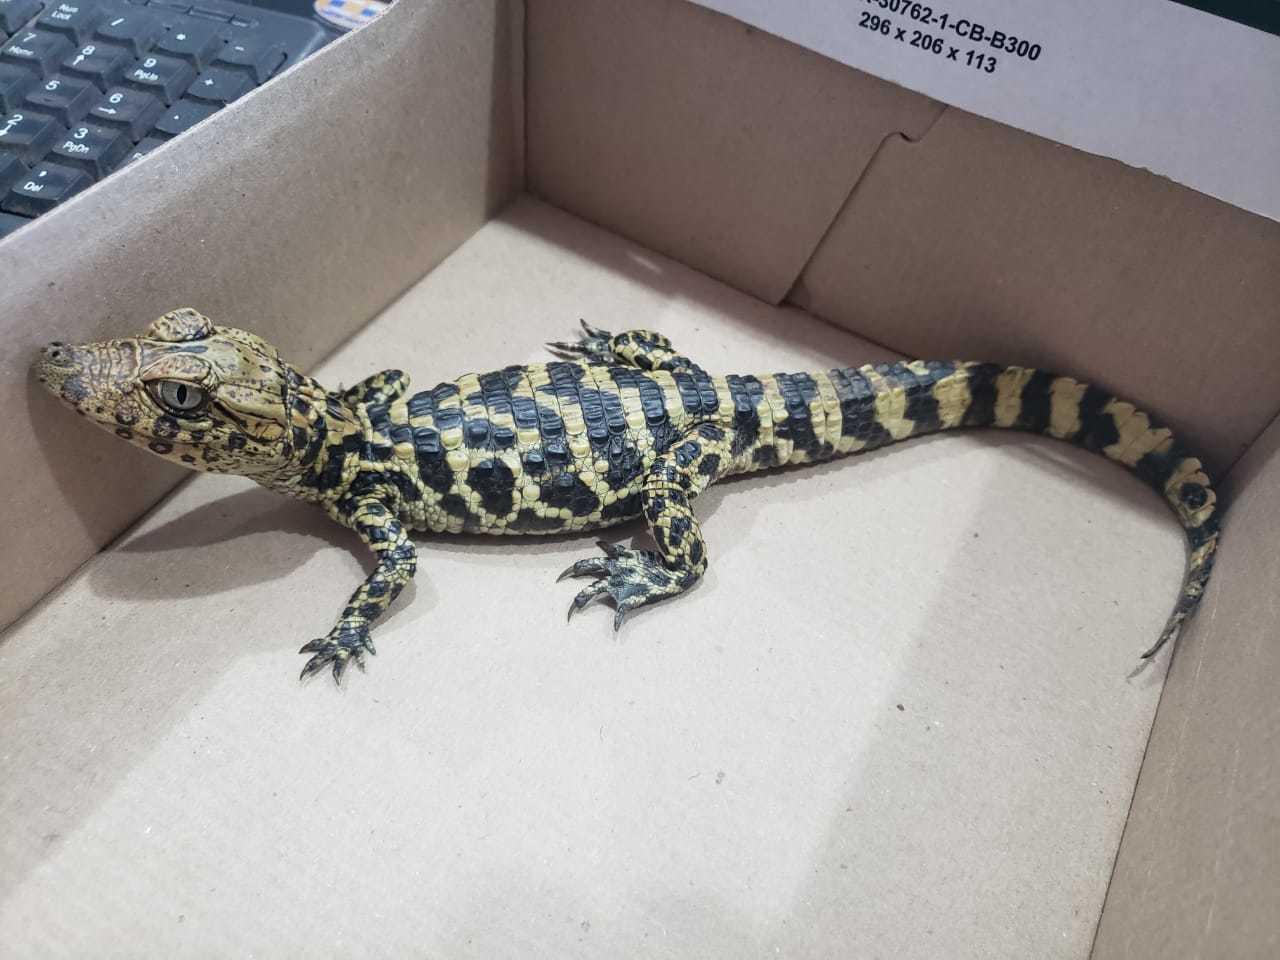 Filhote de jacaré, de cerca de 25 centímetros, que foi abandonado no pet shop (Foto/Arquivo pessoal)